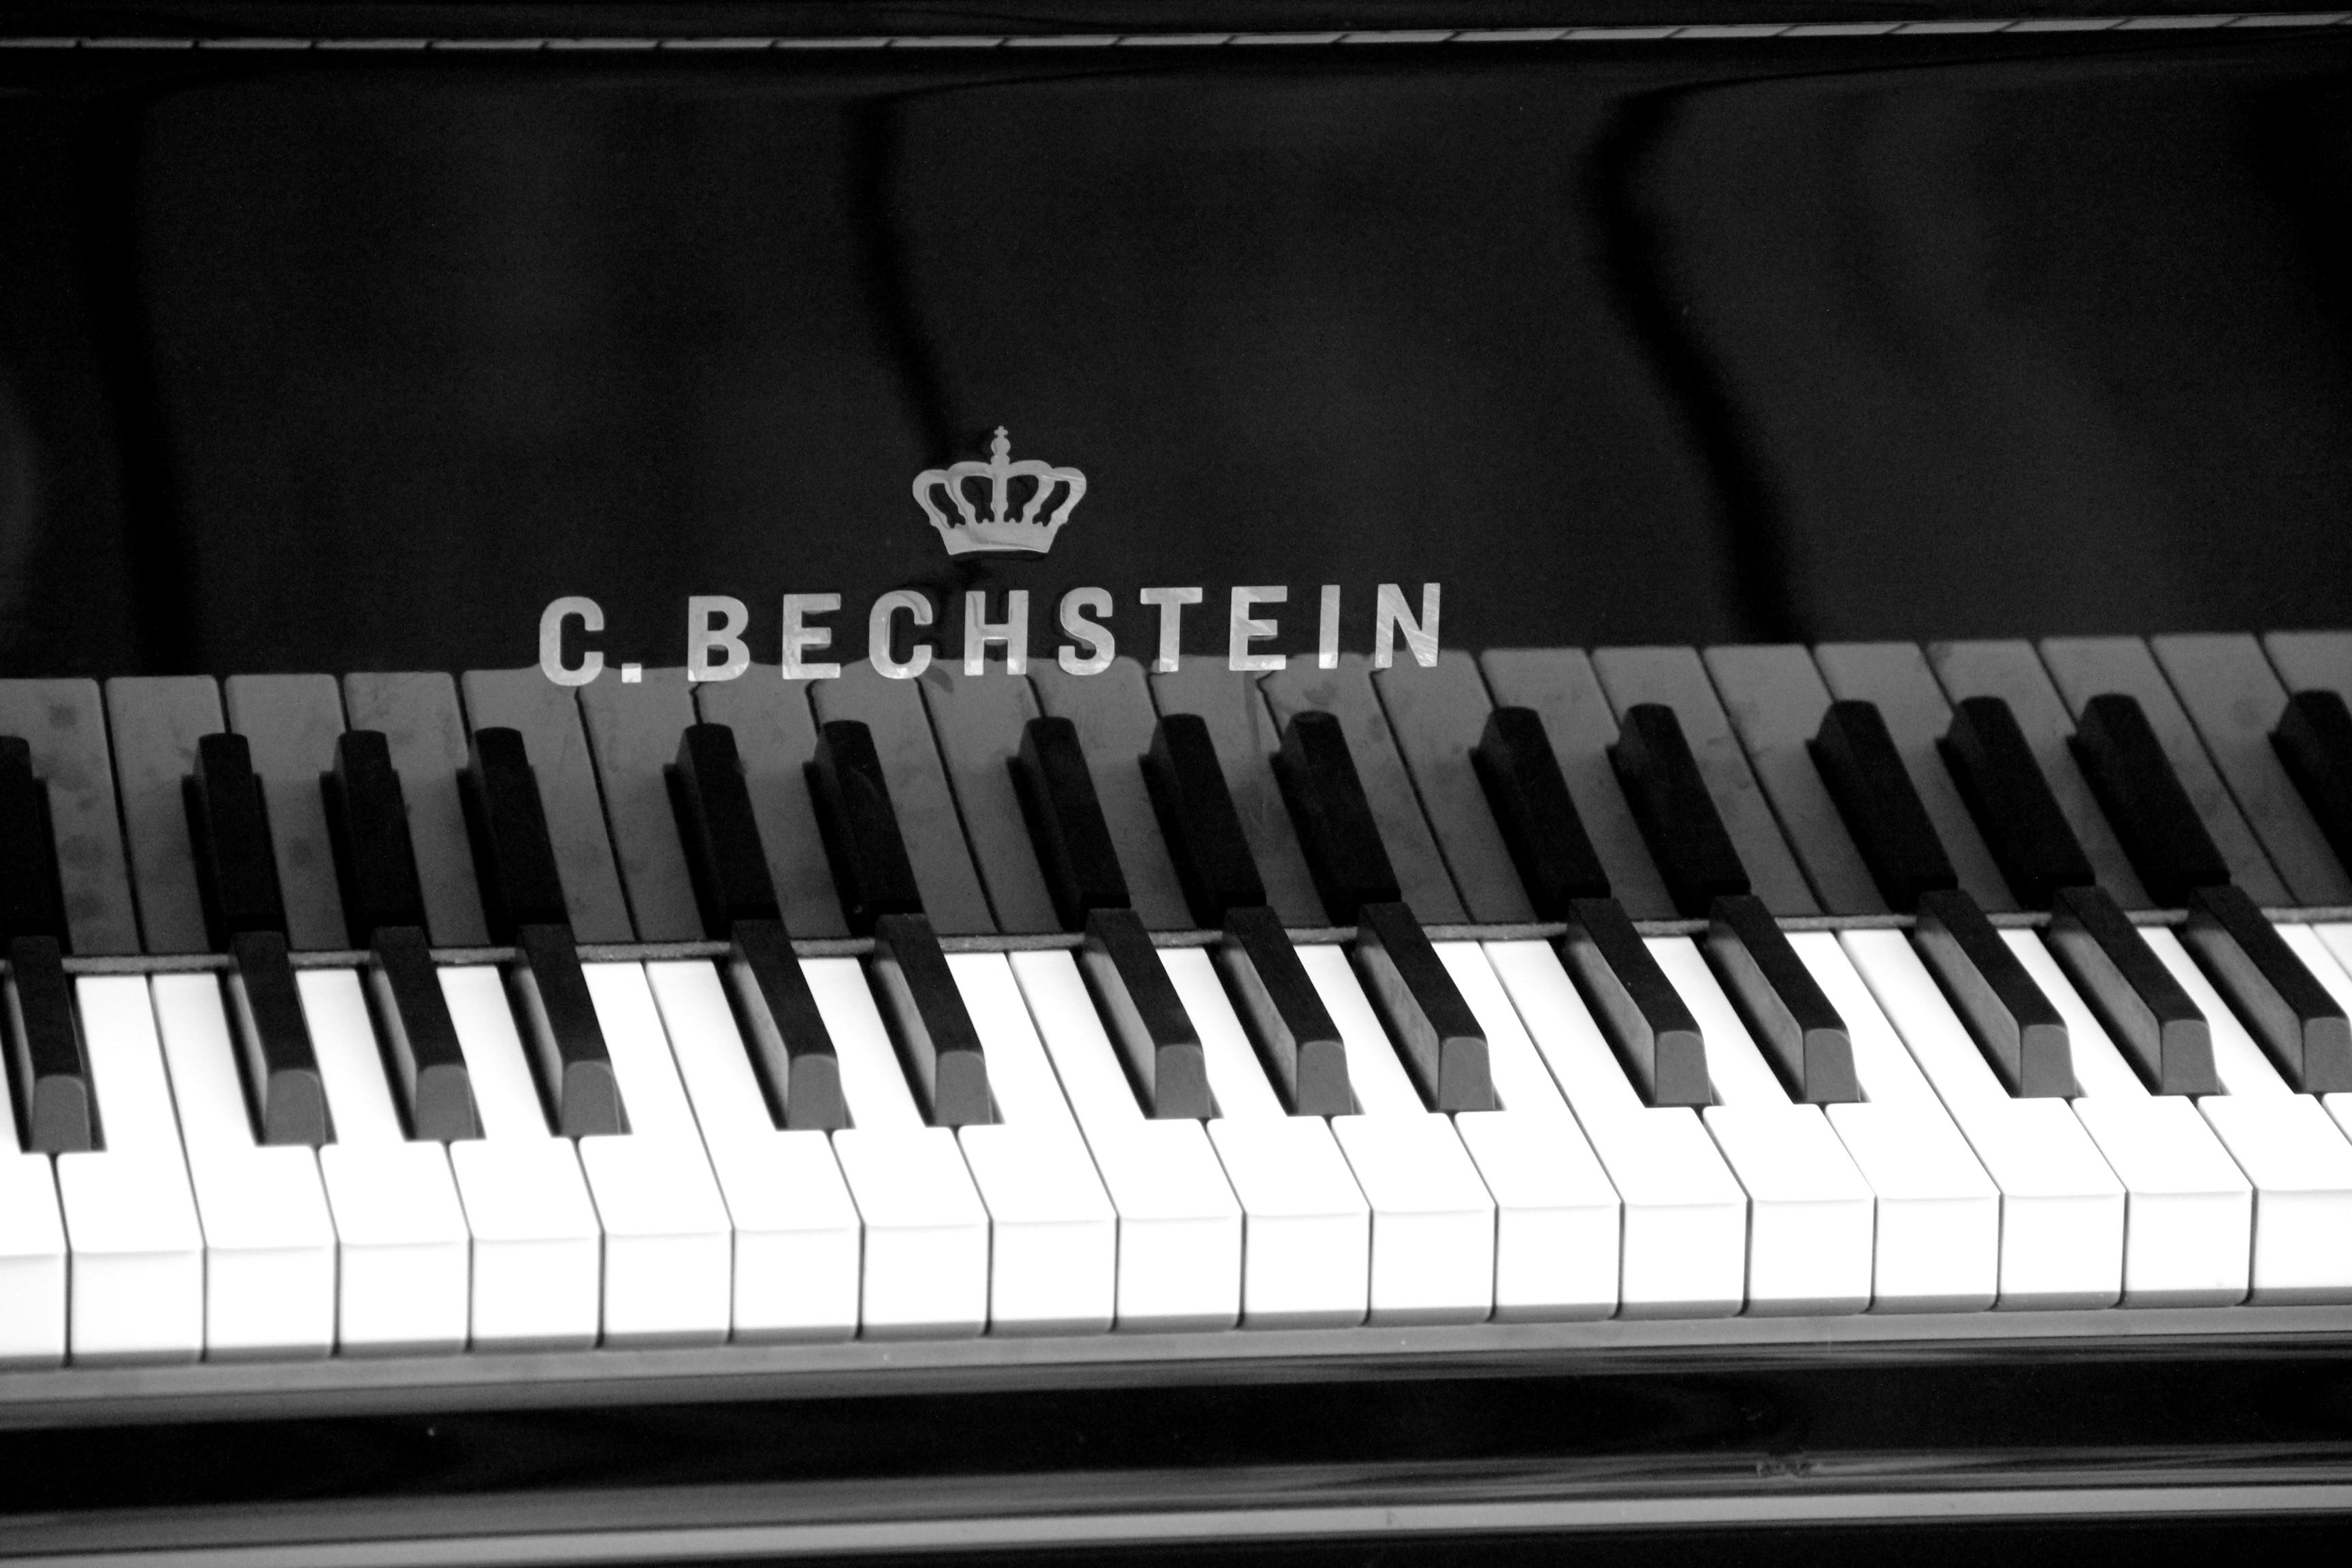 Le clavier du Bechstein